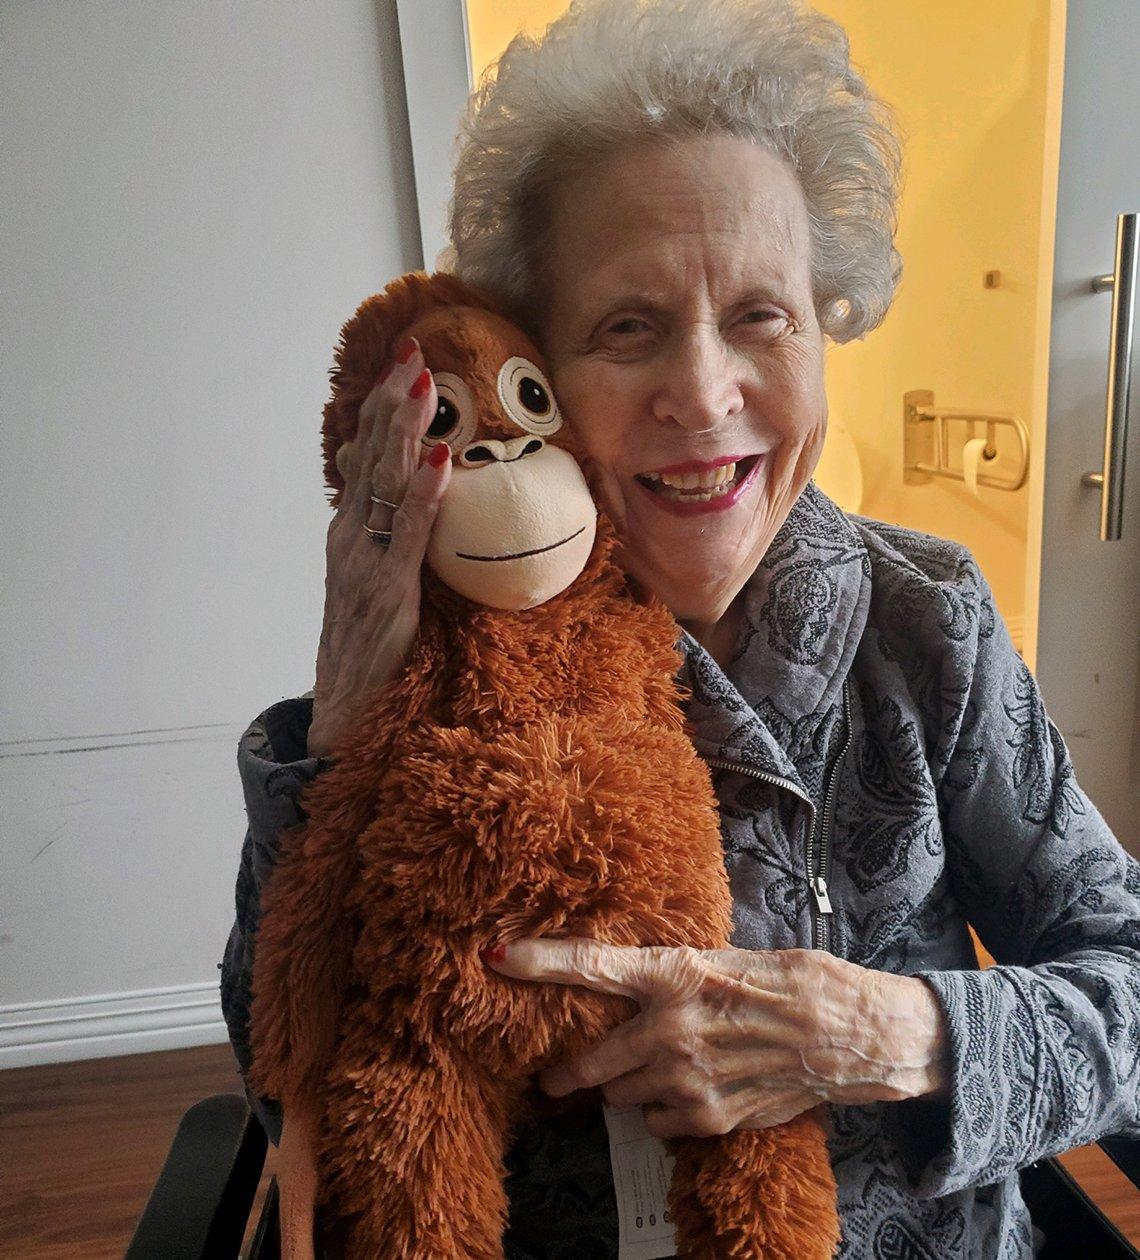 Wilma junto a su mono de juguete llamado Johnny en un centro de ancianos